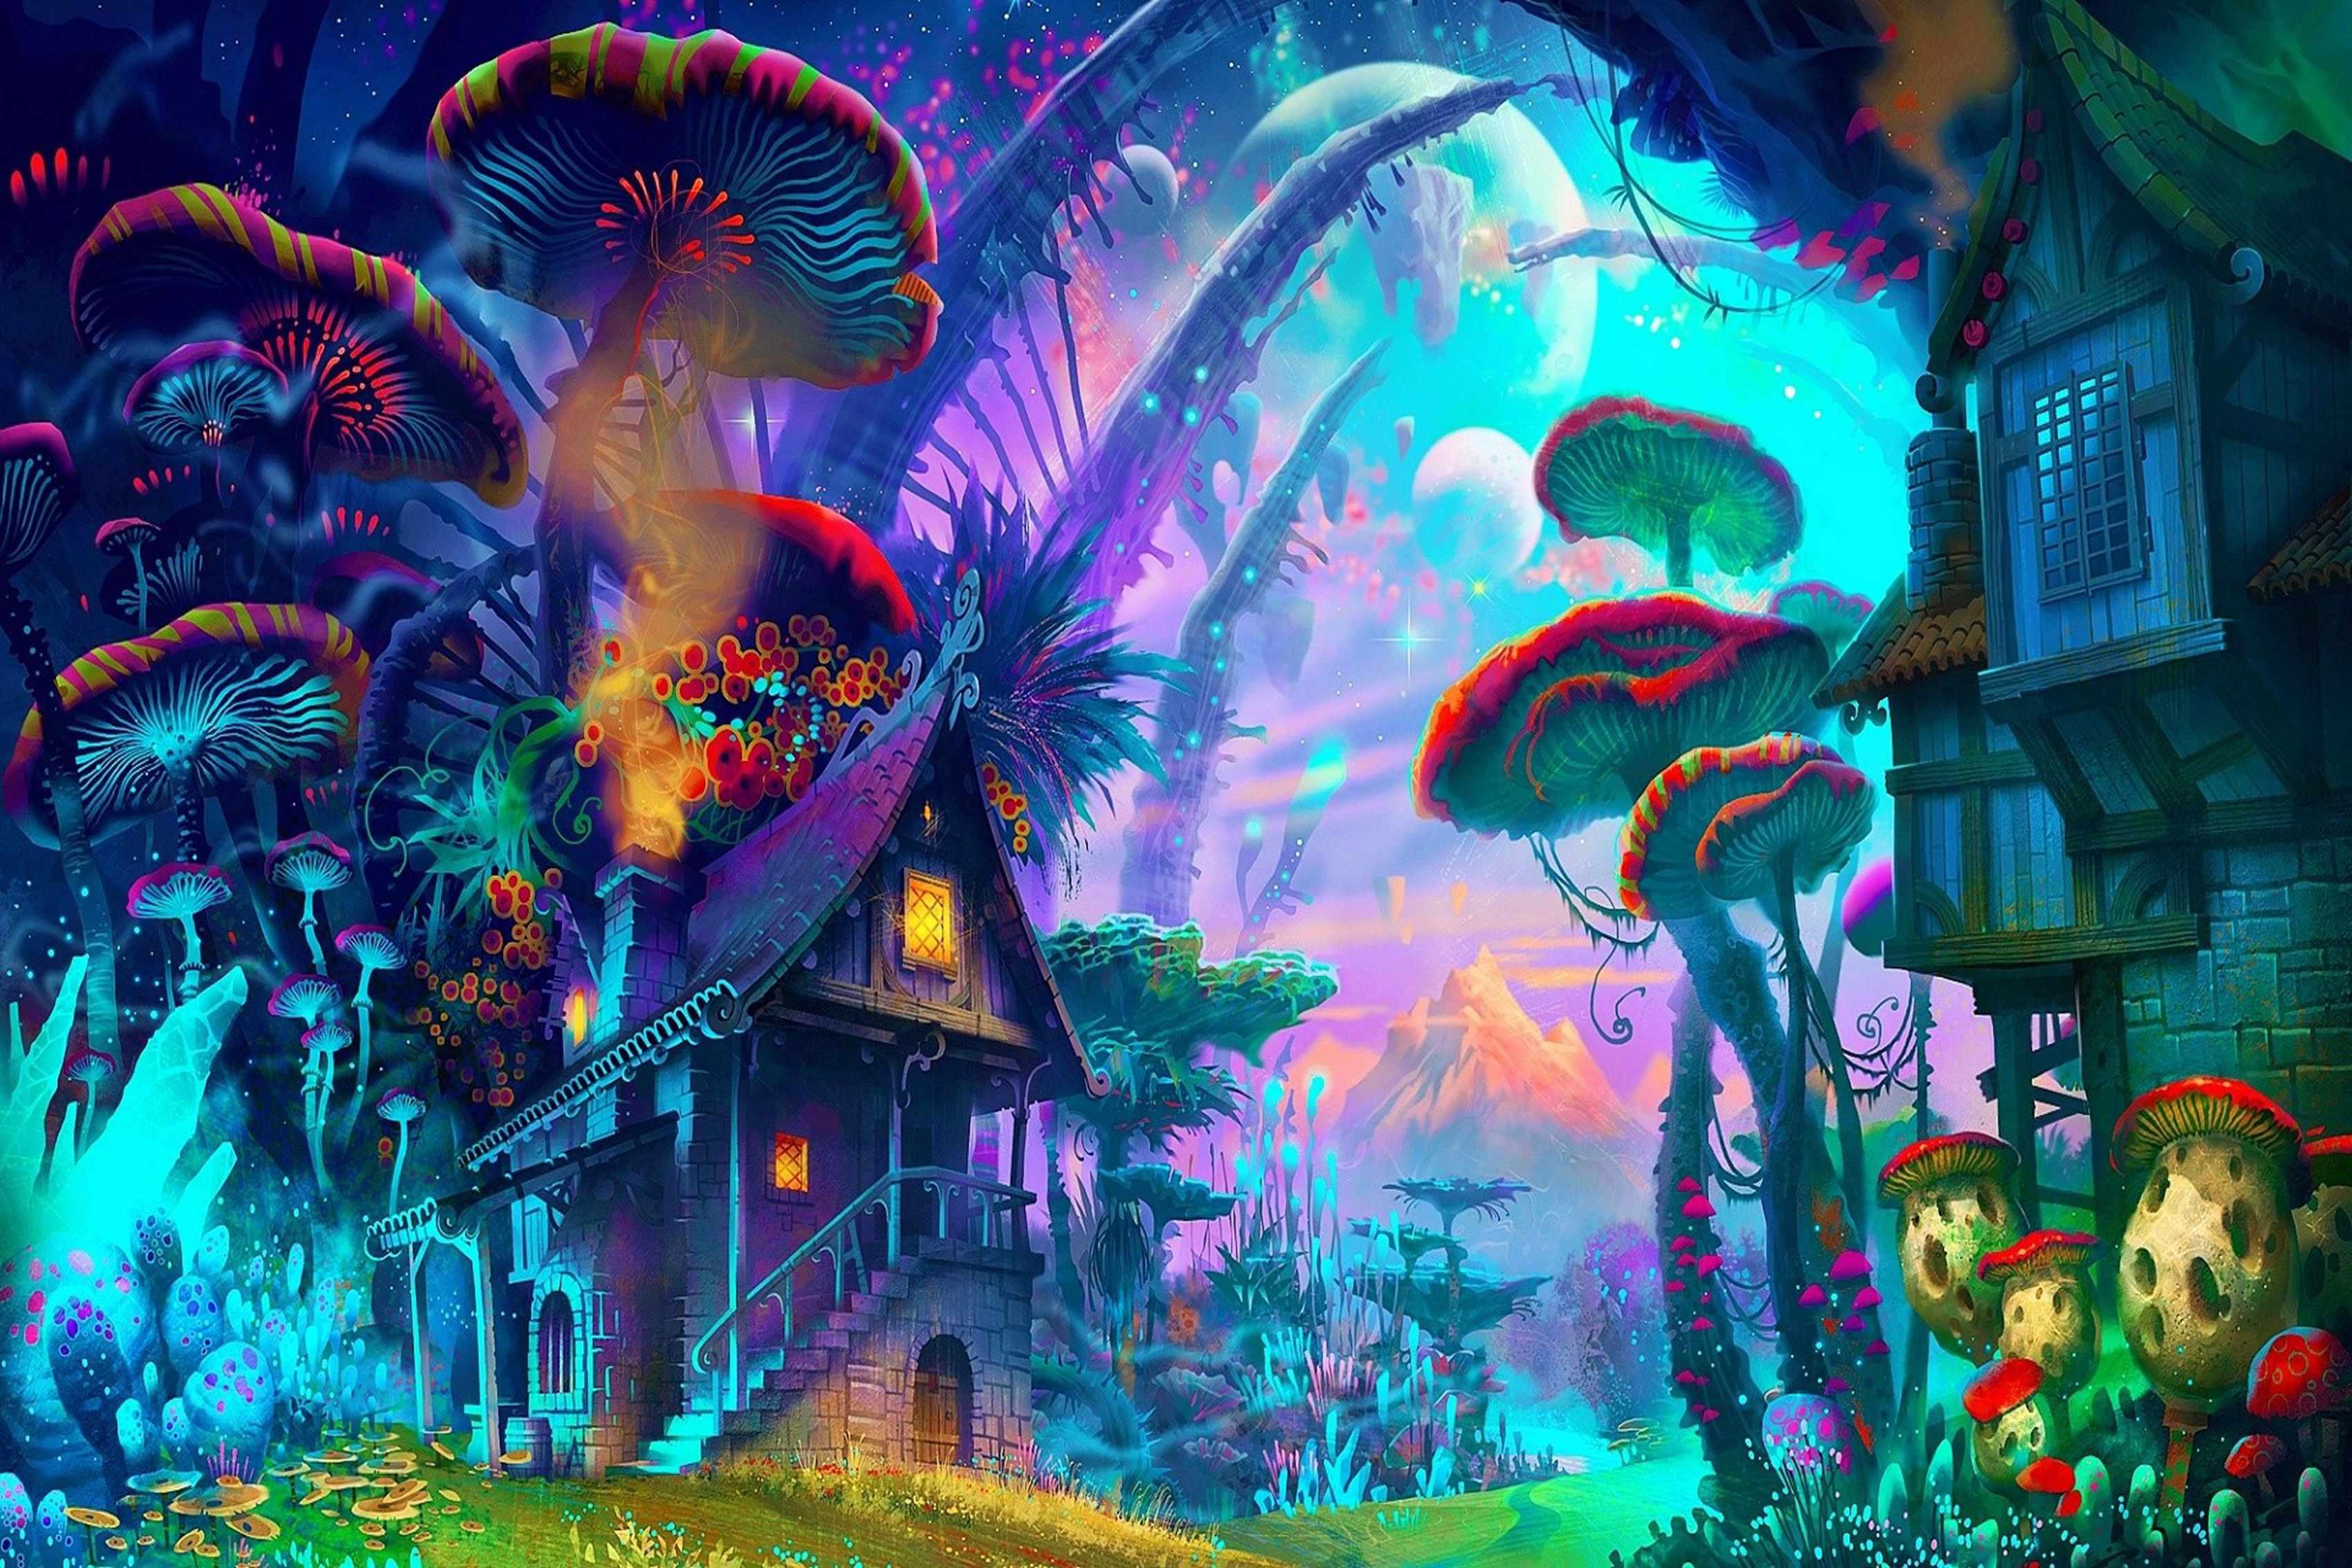 Rumah Dekorasi Fantasy Art Menggambar Alam Psychedelic